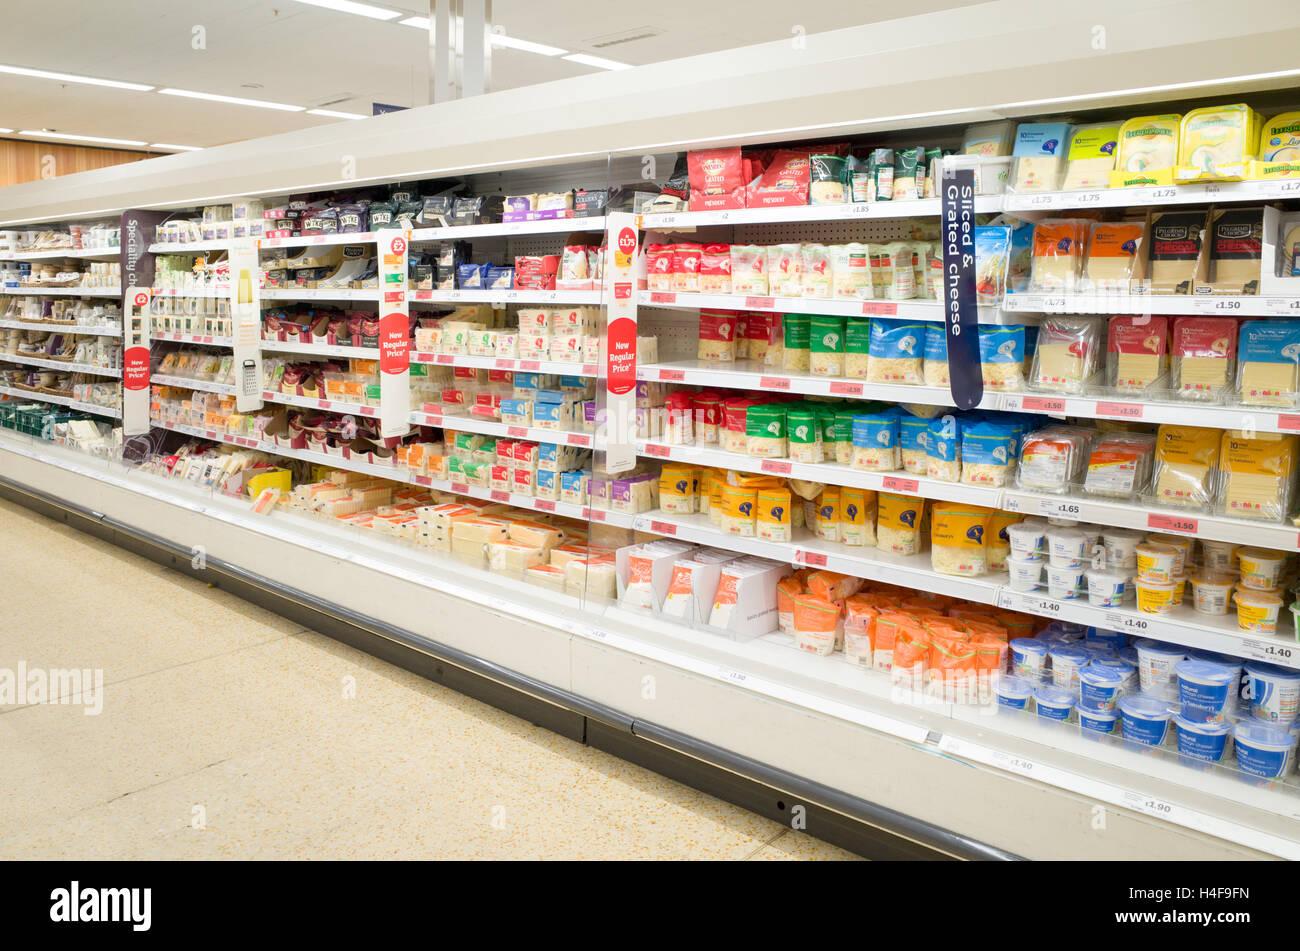 Sainsbury's supermarket fridge, England, UK - Stock Image